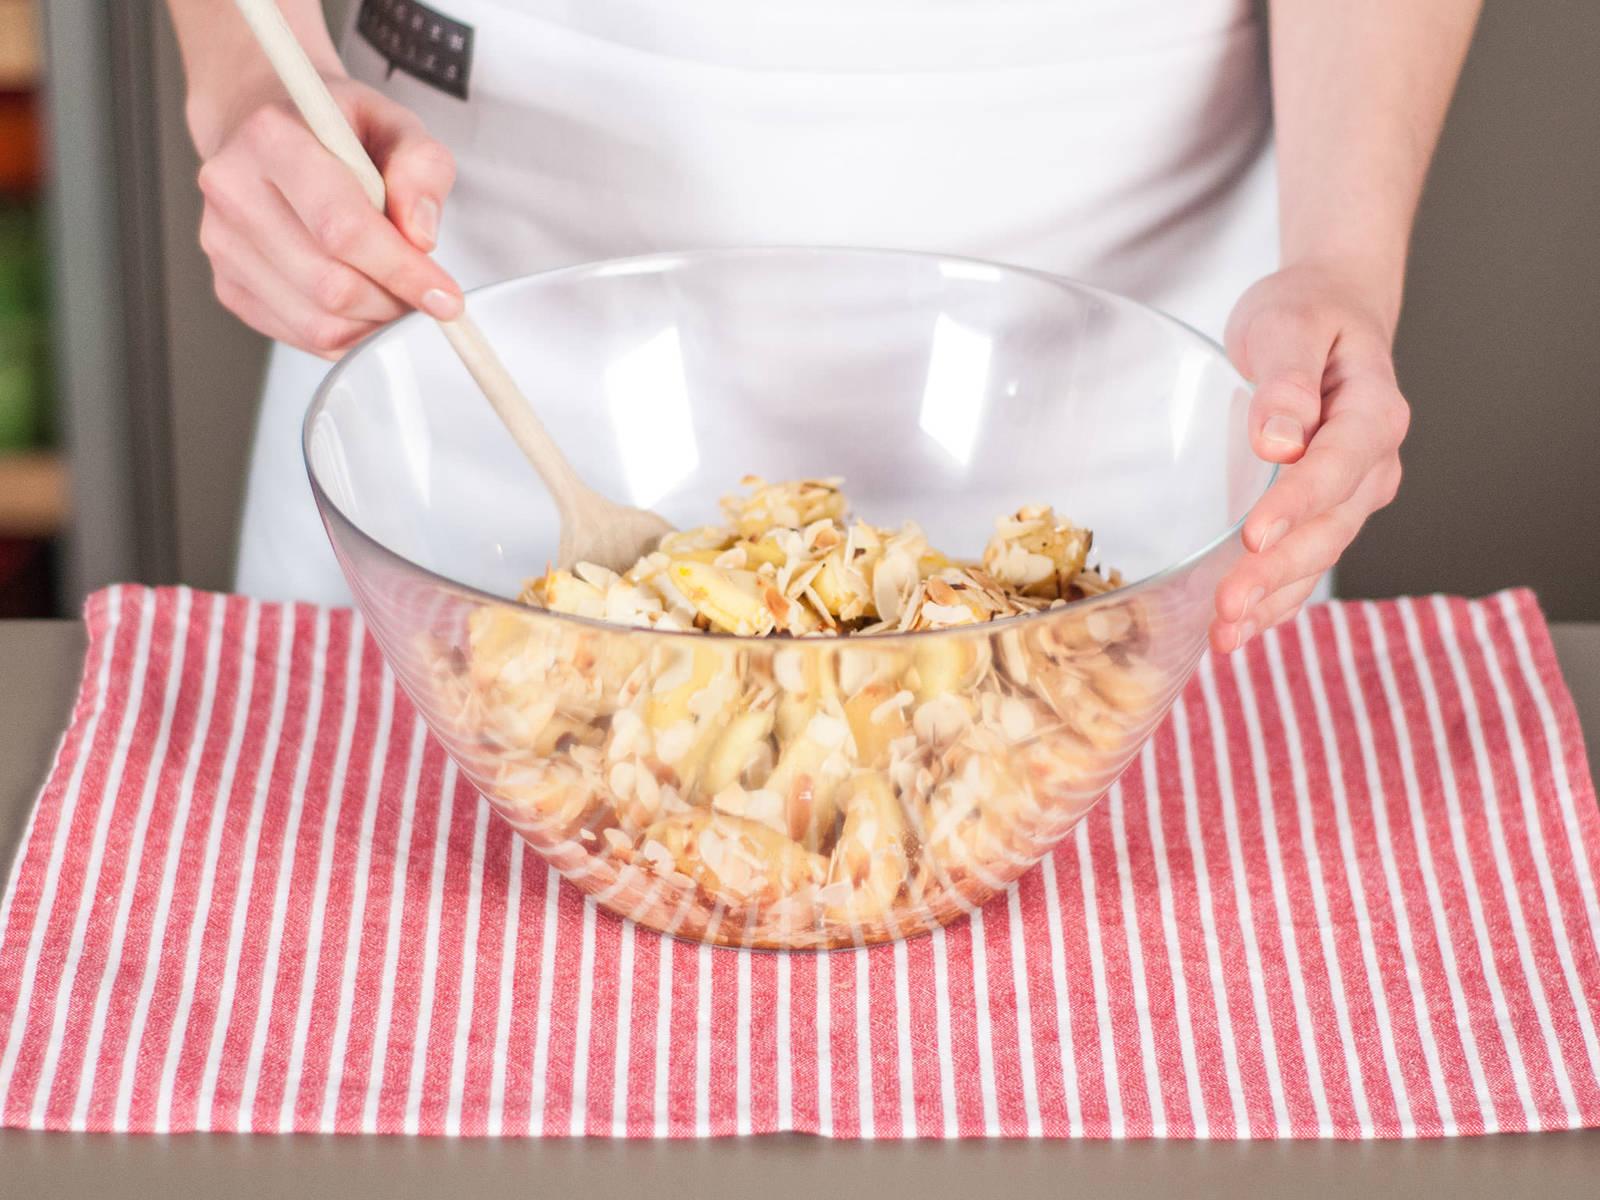 Apfelfüllung mit gerösteten Mandeln in einer großen Schüssel vermengen.